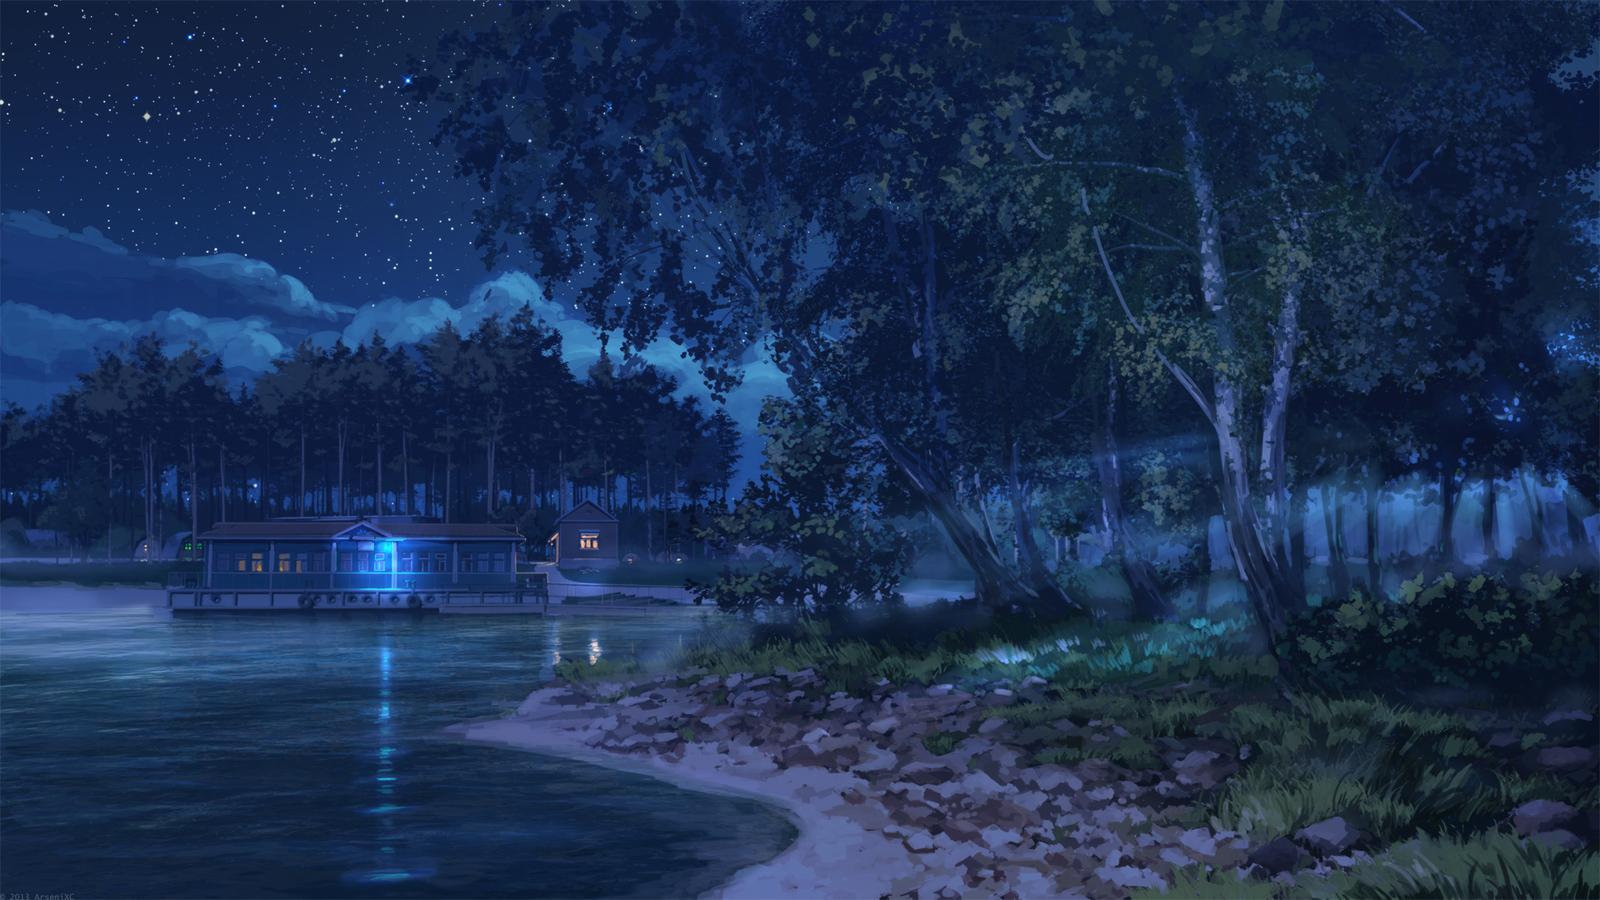 Красивые картинки для фона на компьютер из игр